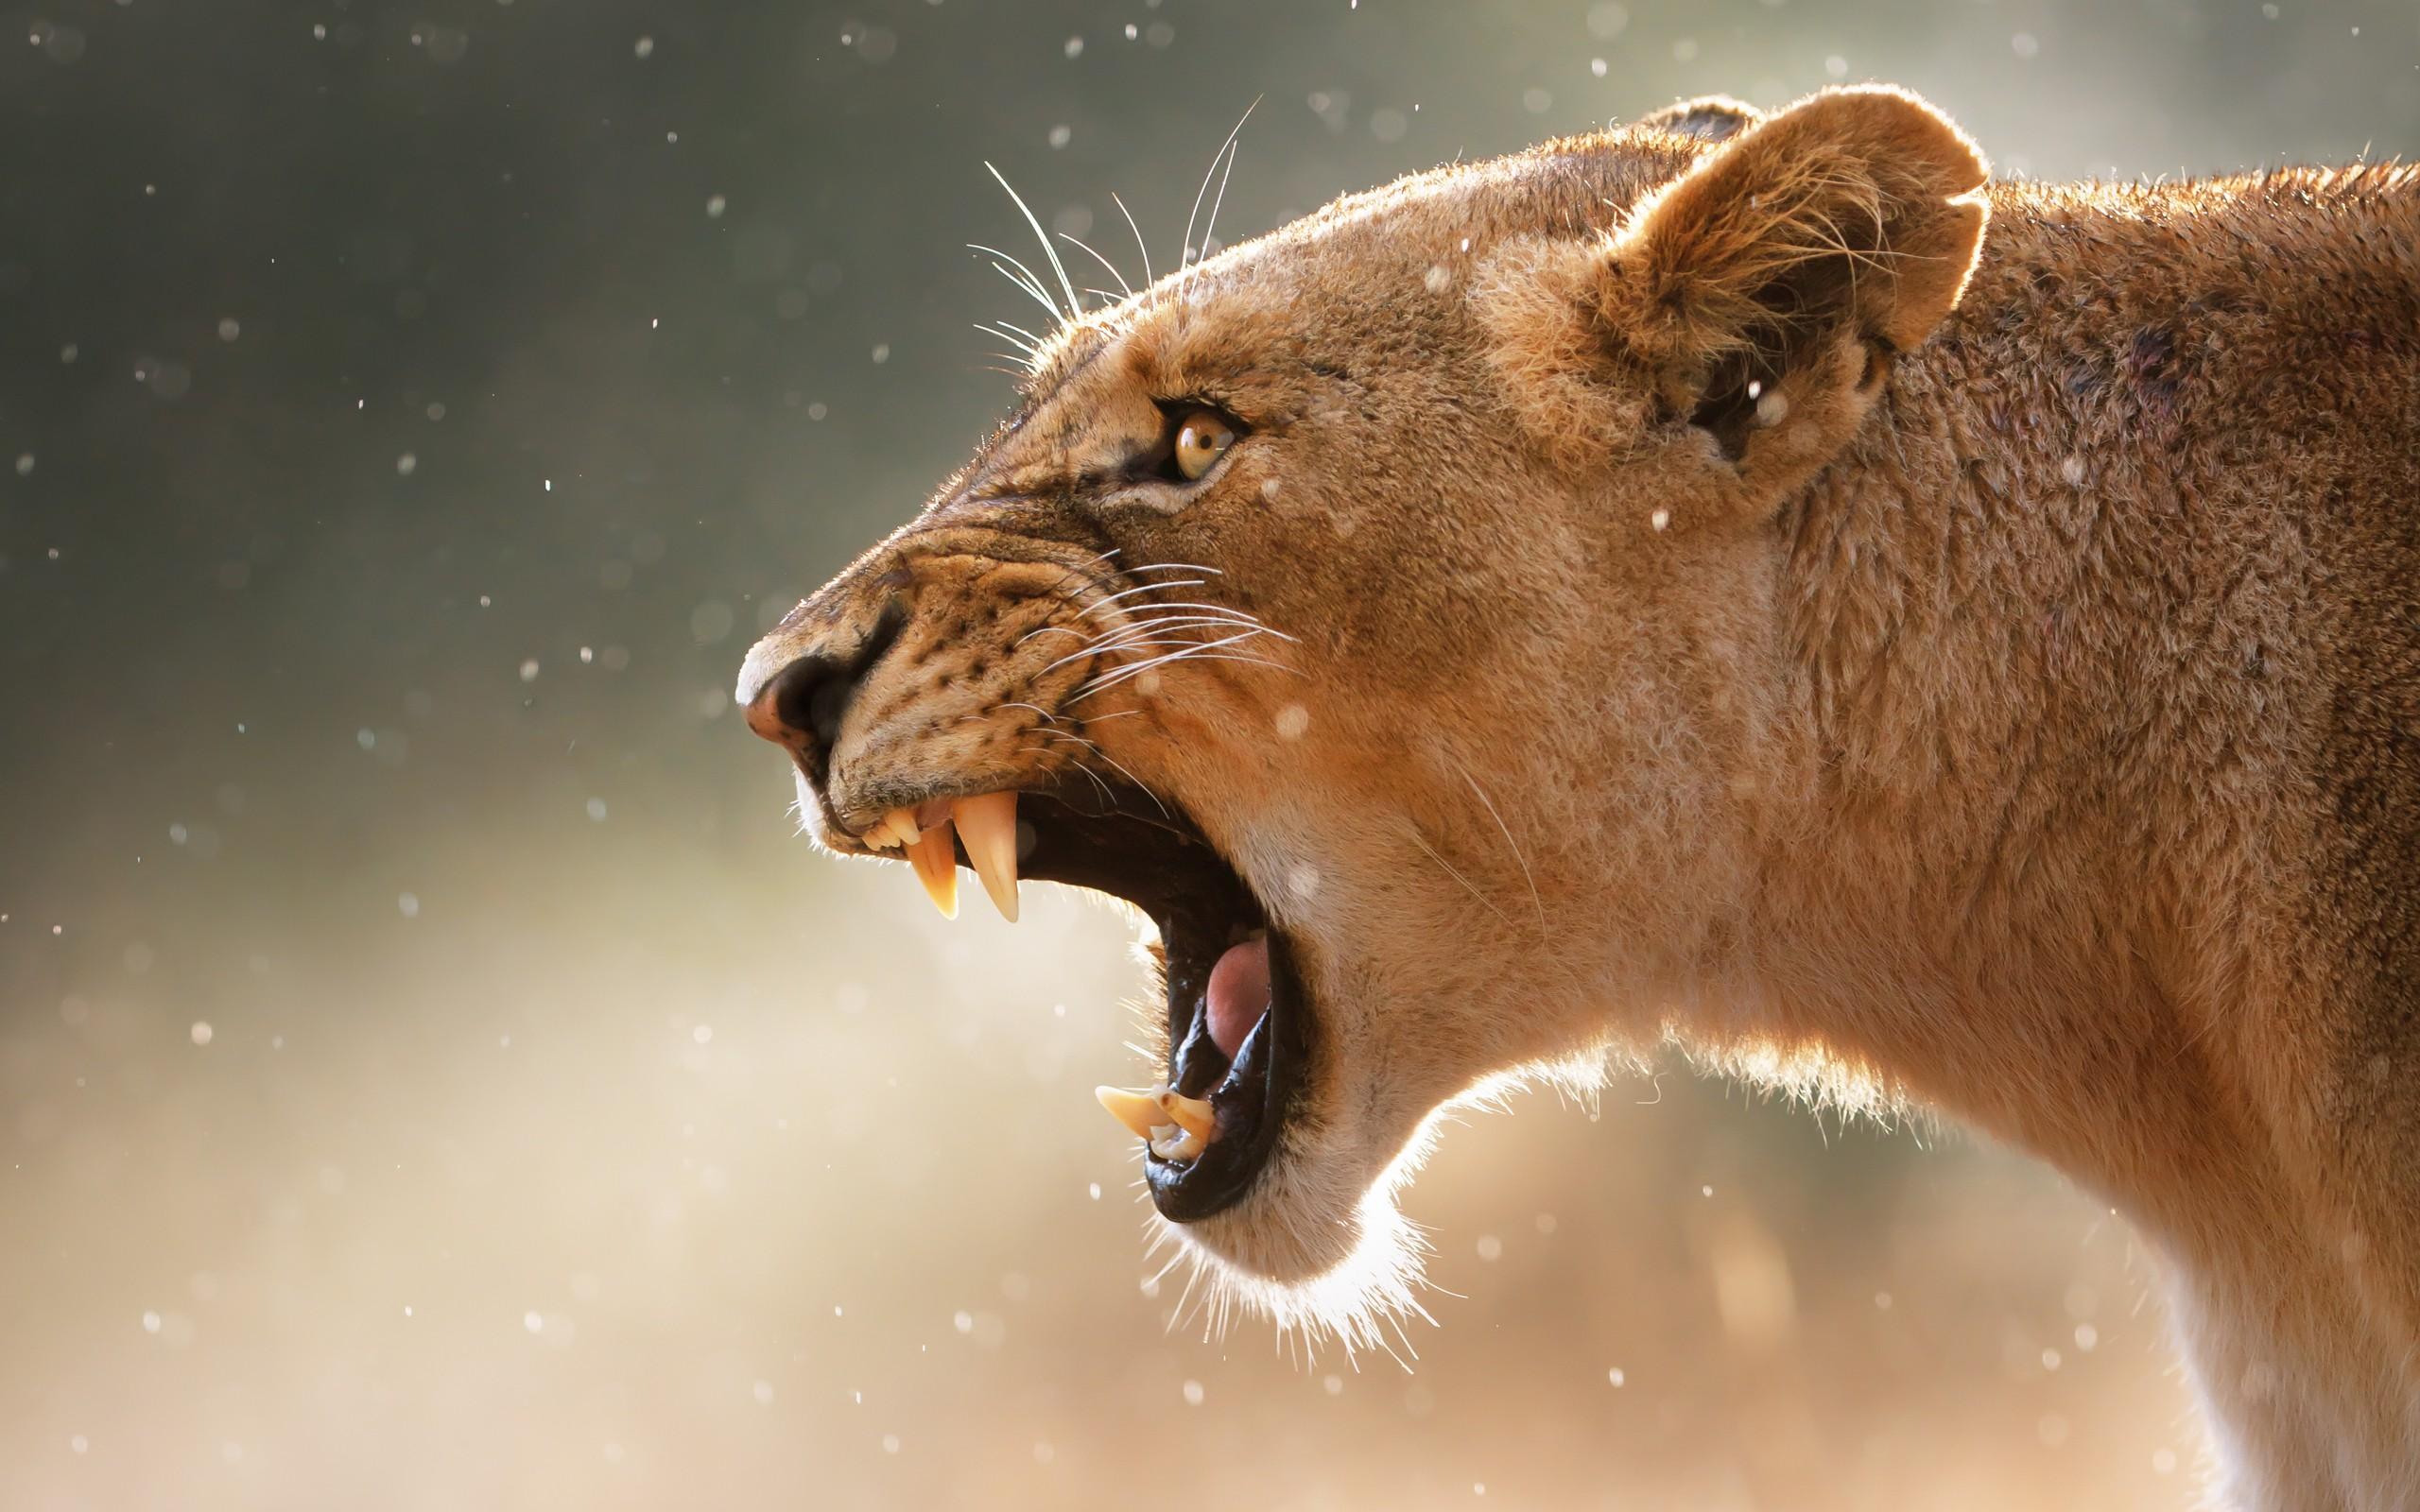 Un puma con boca abierta - 2560x1600